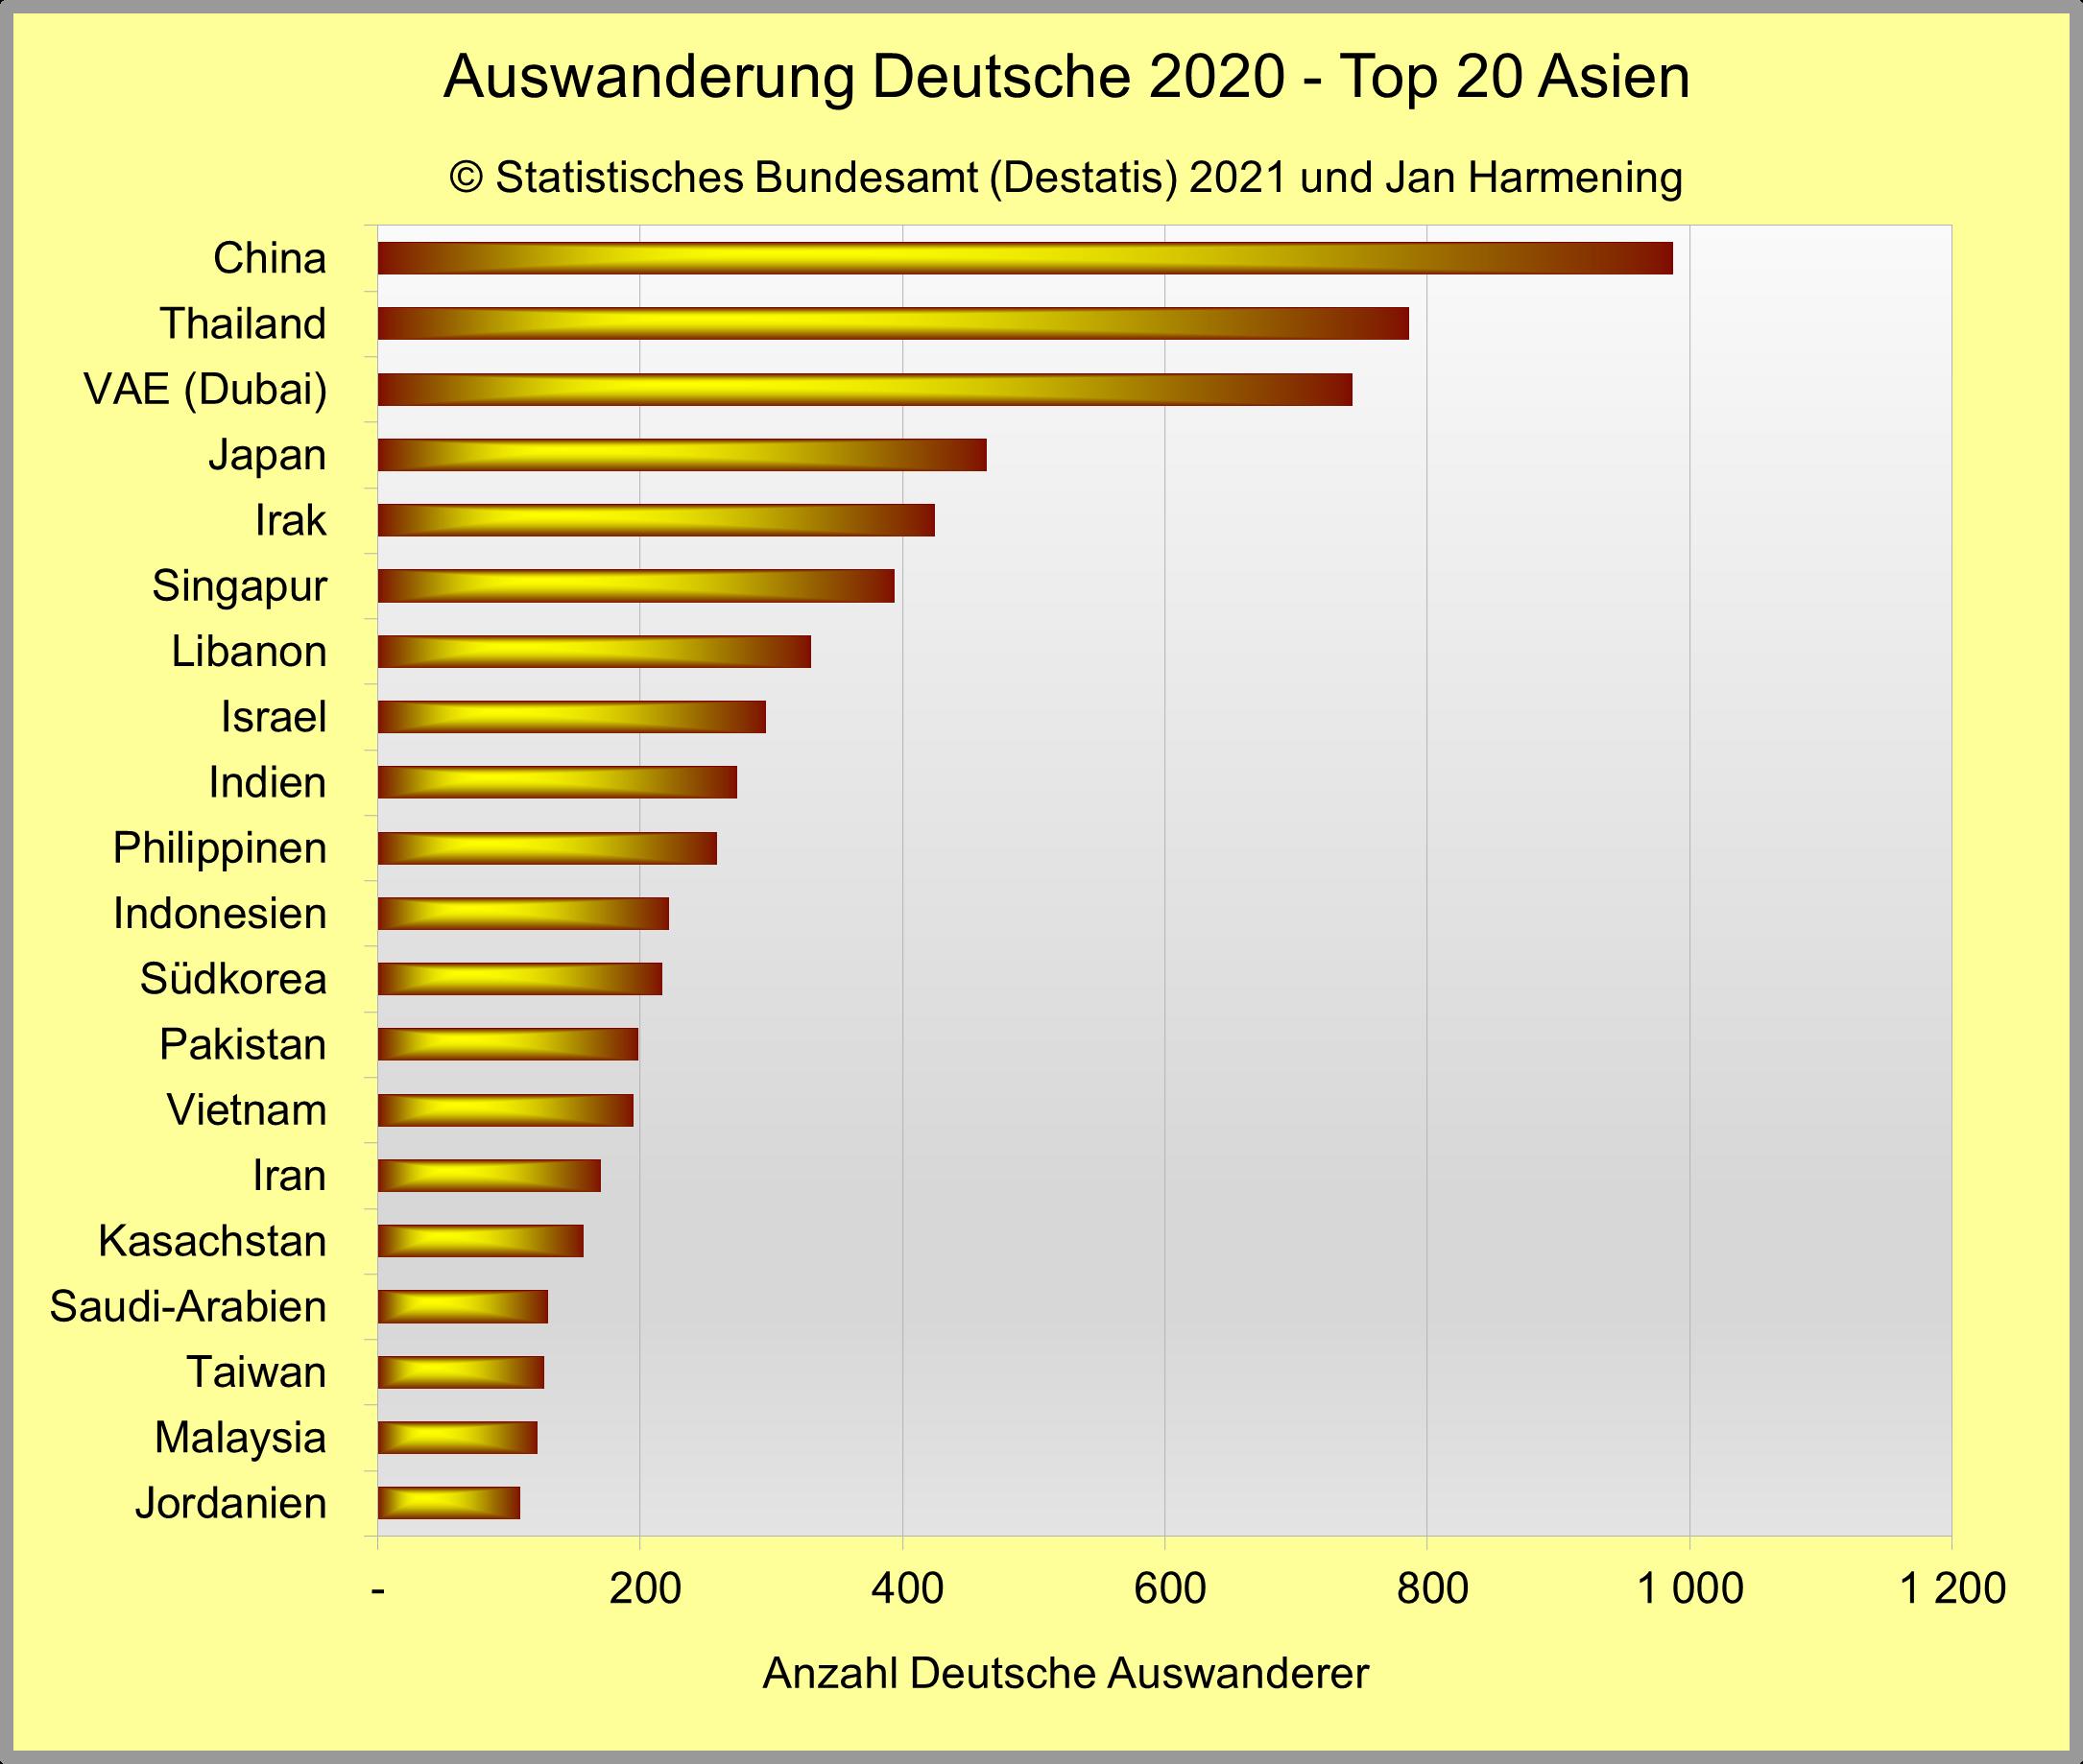 Auswanderung Deutsche 2020 - Top 20 Asien